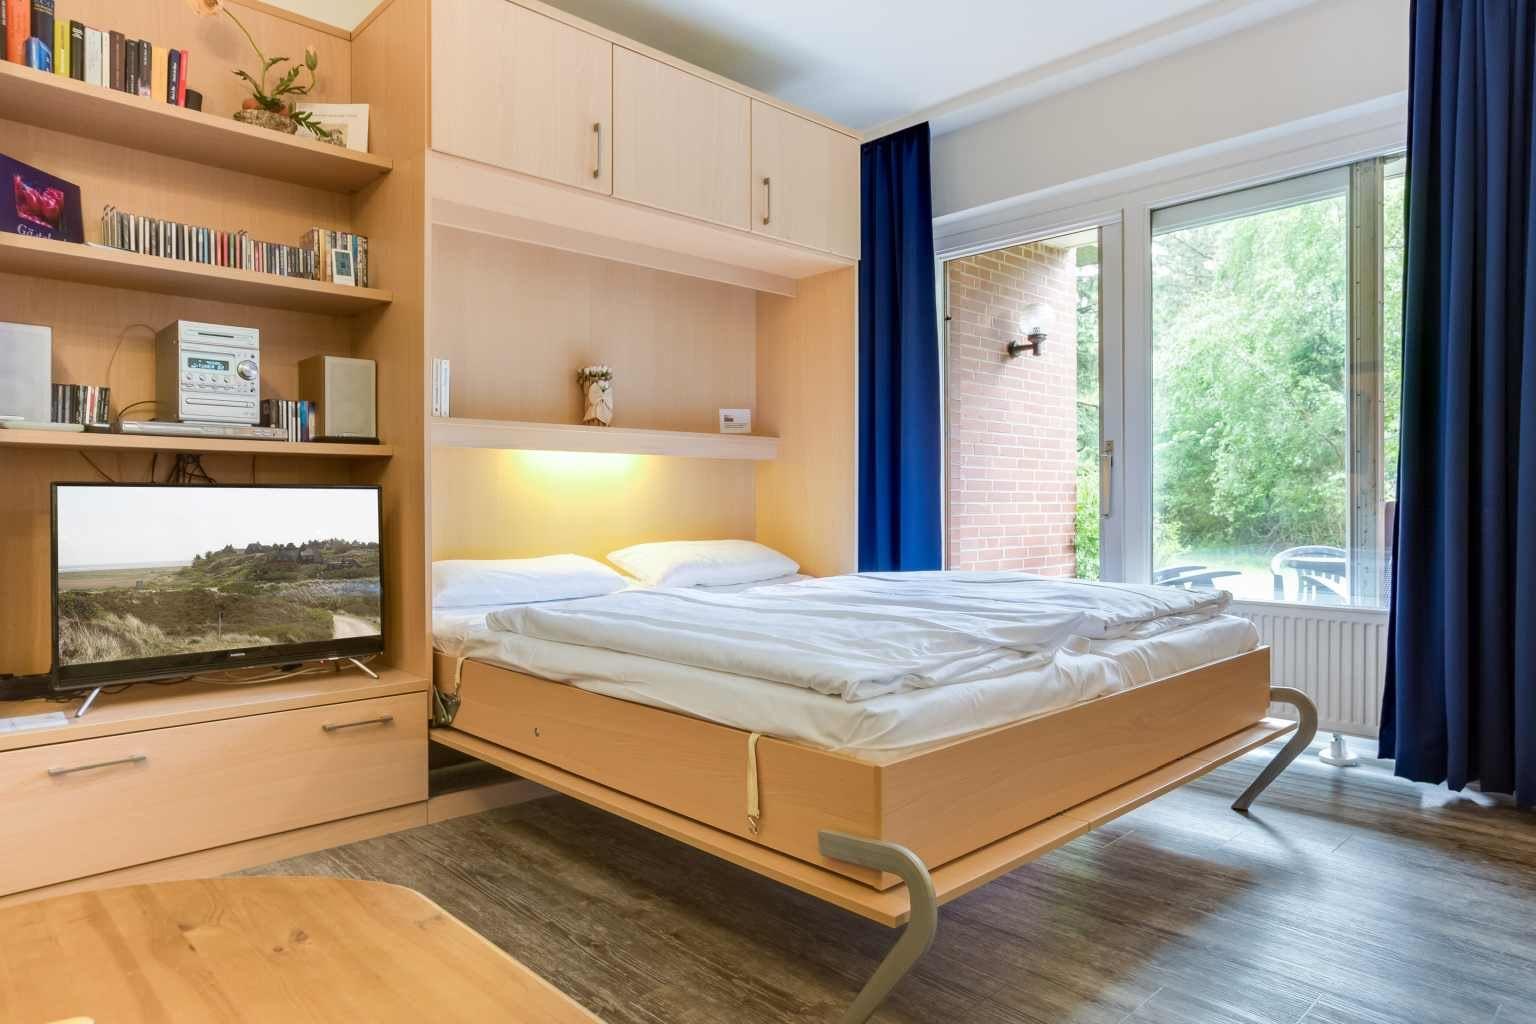 """Wohnzimmer mit Schrankbett """"Meeresrauschen"""", 2-Zimmer-Ferienwohnung, Alter Badweg 5, St. Peter-Bad"""